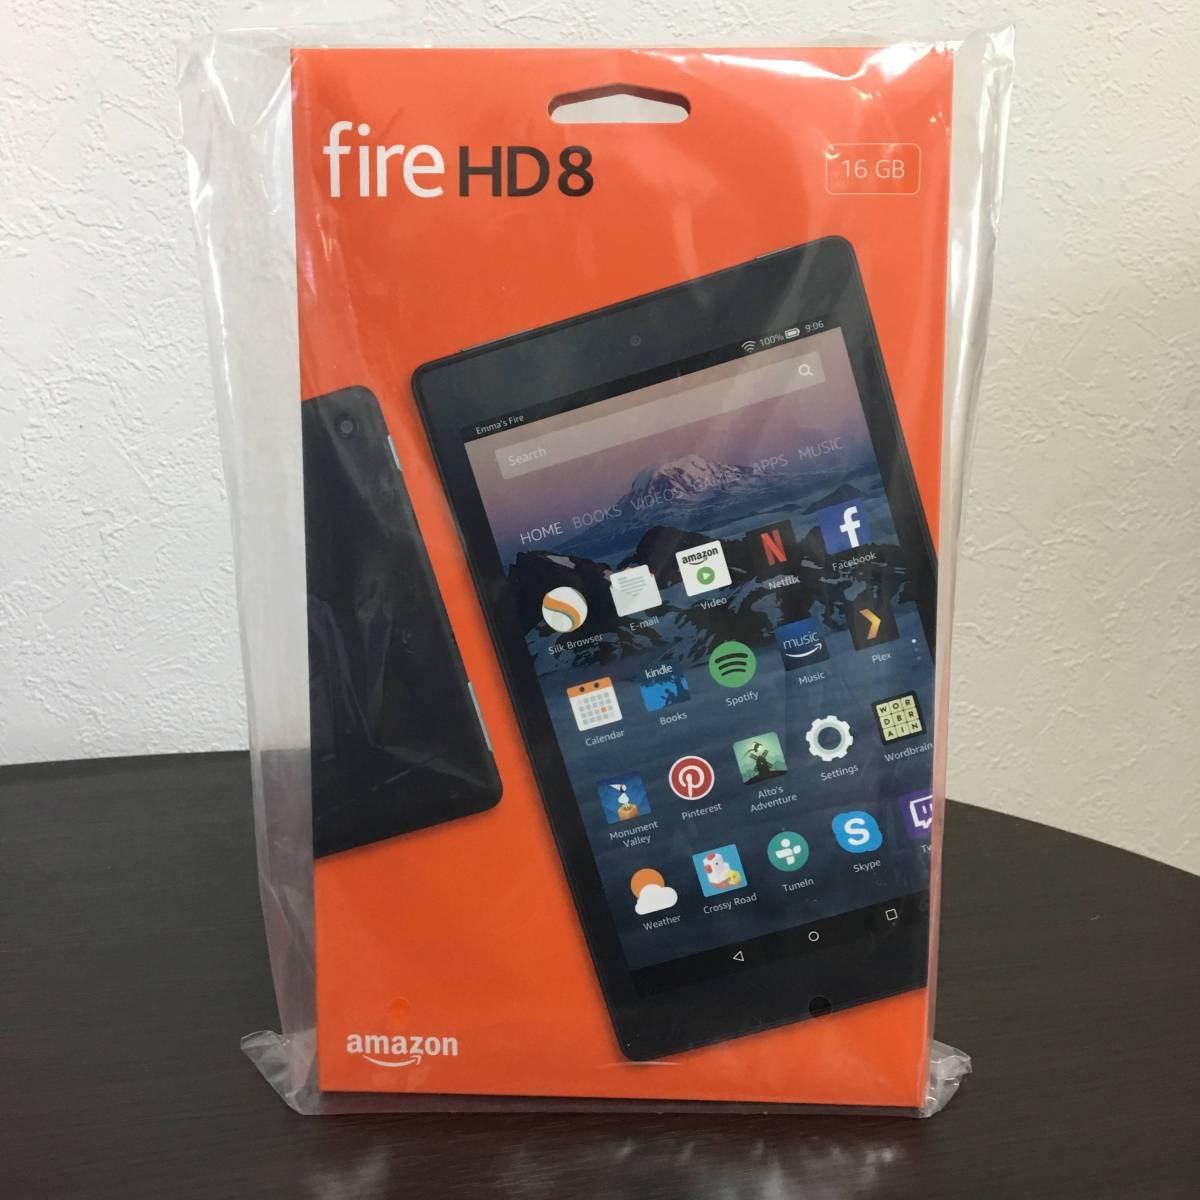 ★☆新品未開封◆ Kindle Fire HD 8 タブレット (Newモデル) 16GB ブラック キンドル☆★